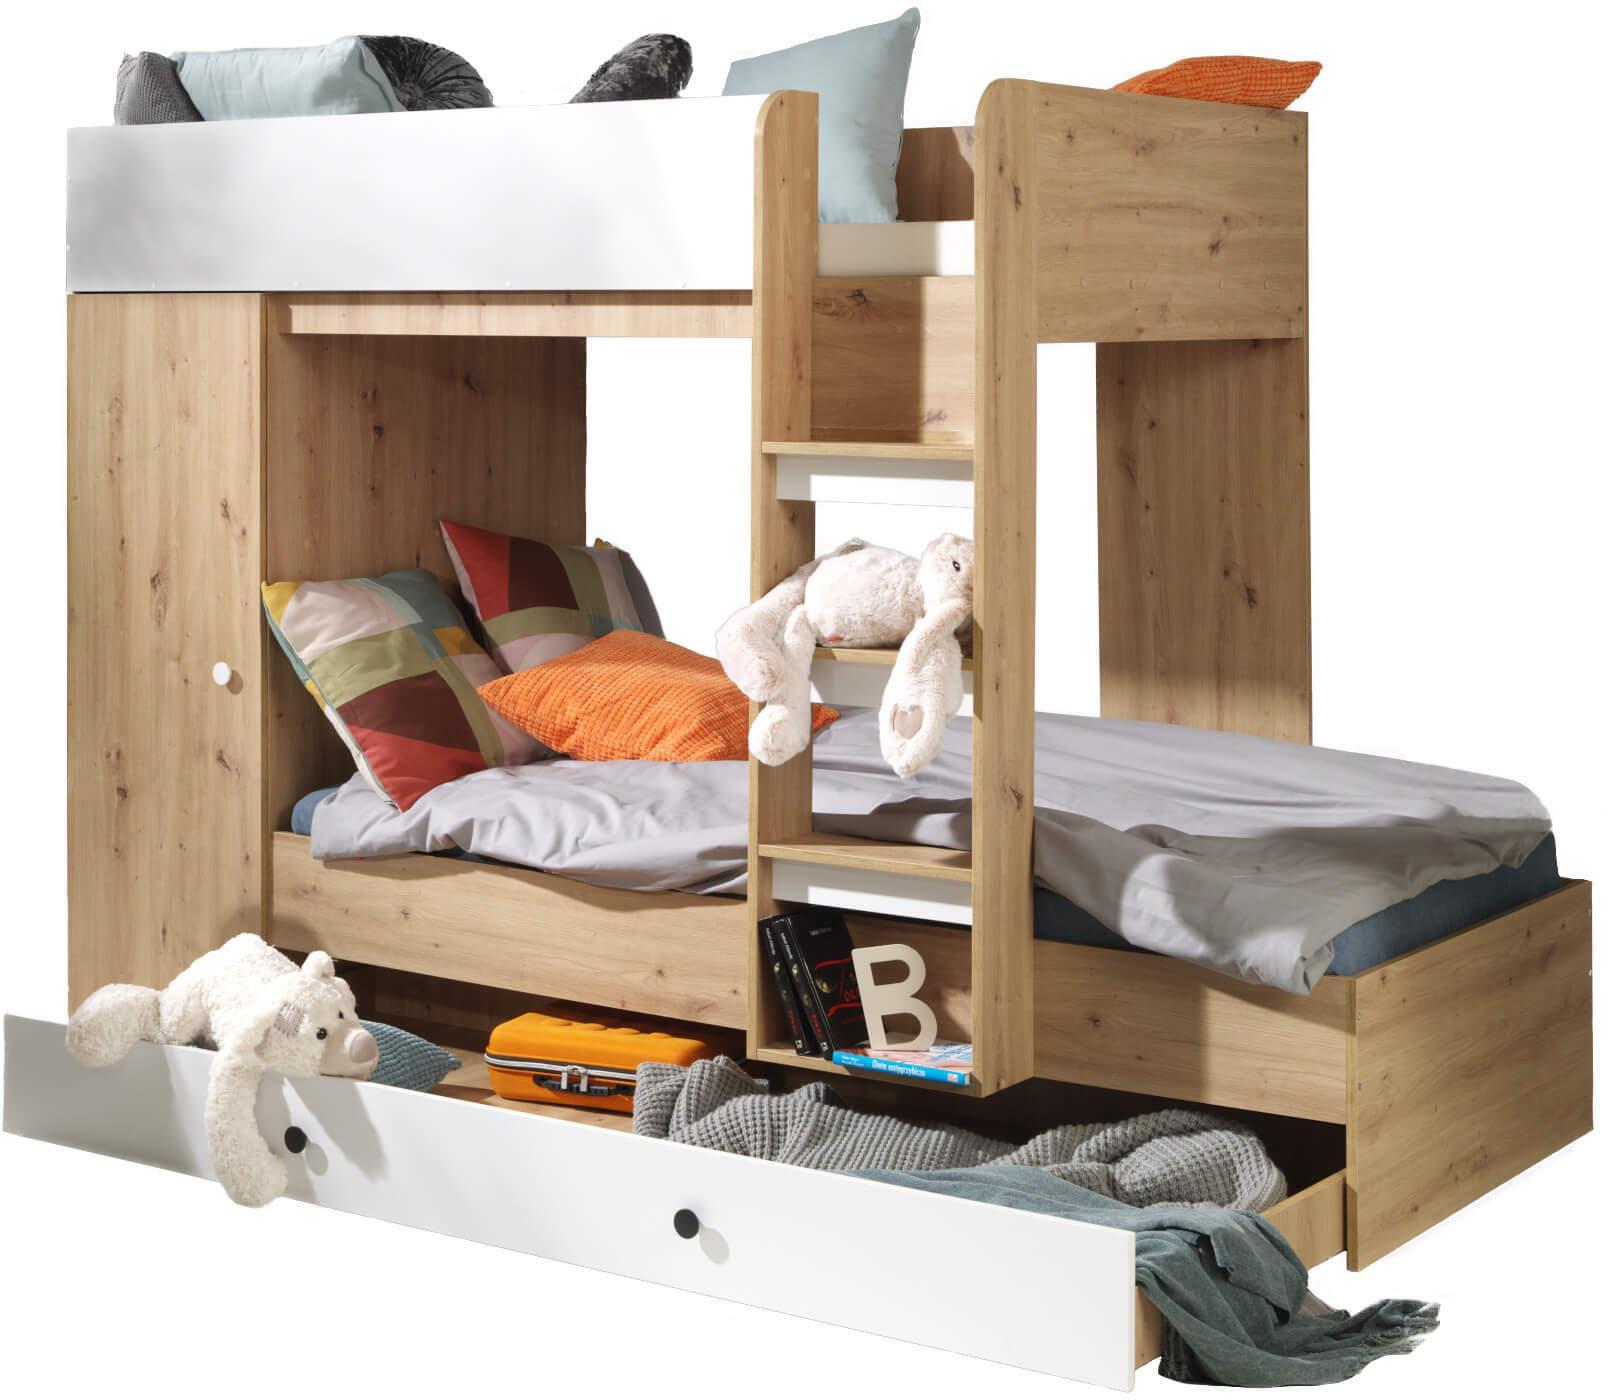 SB Multifunkčná poschodová posteľ Kamelo 2